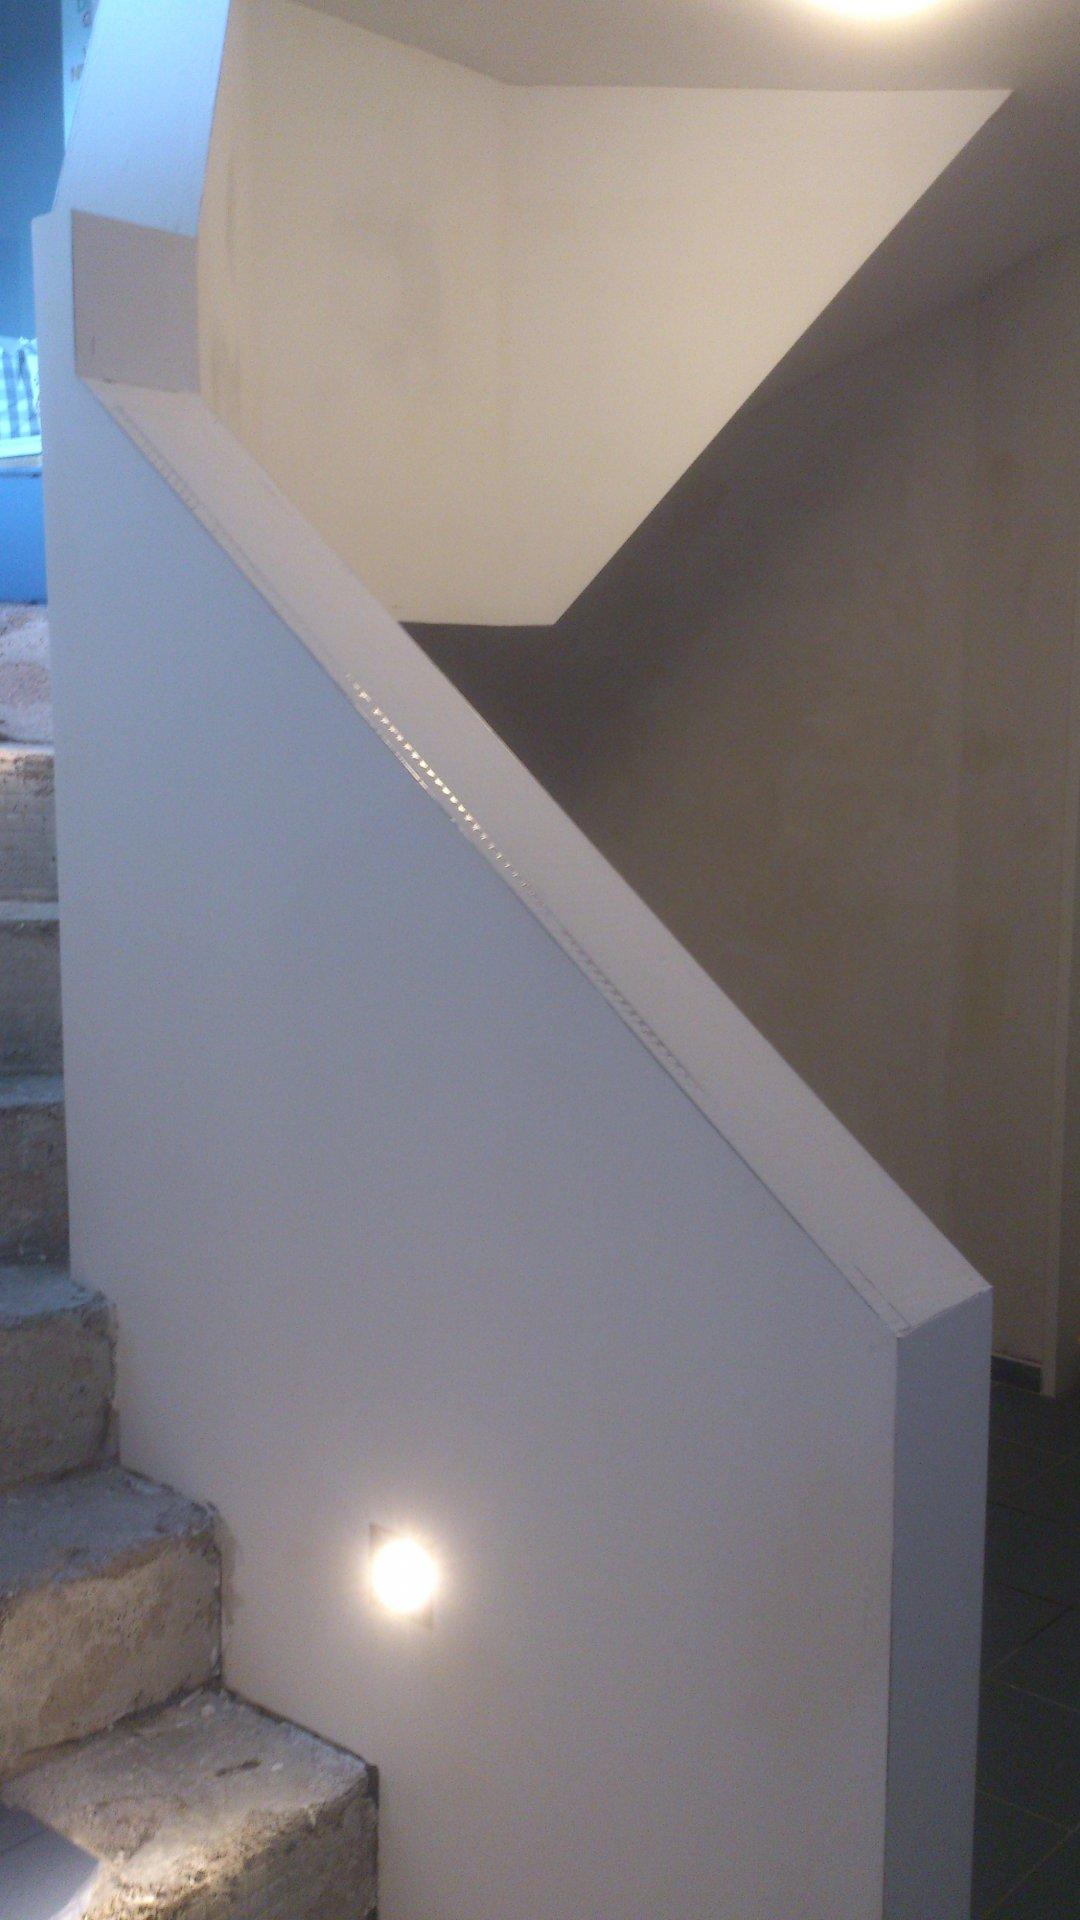 Treppengeländer Verkleiden treppenhausgeländer brüstung in trockenbauweise seite 3